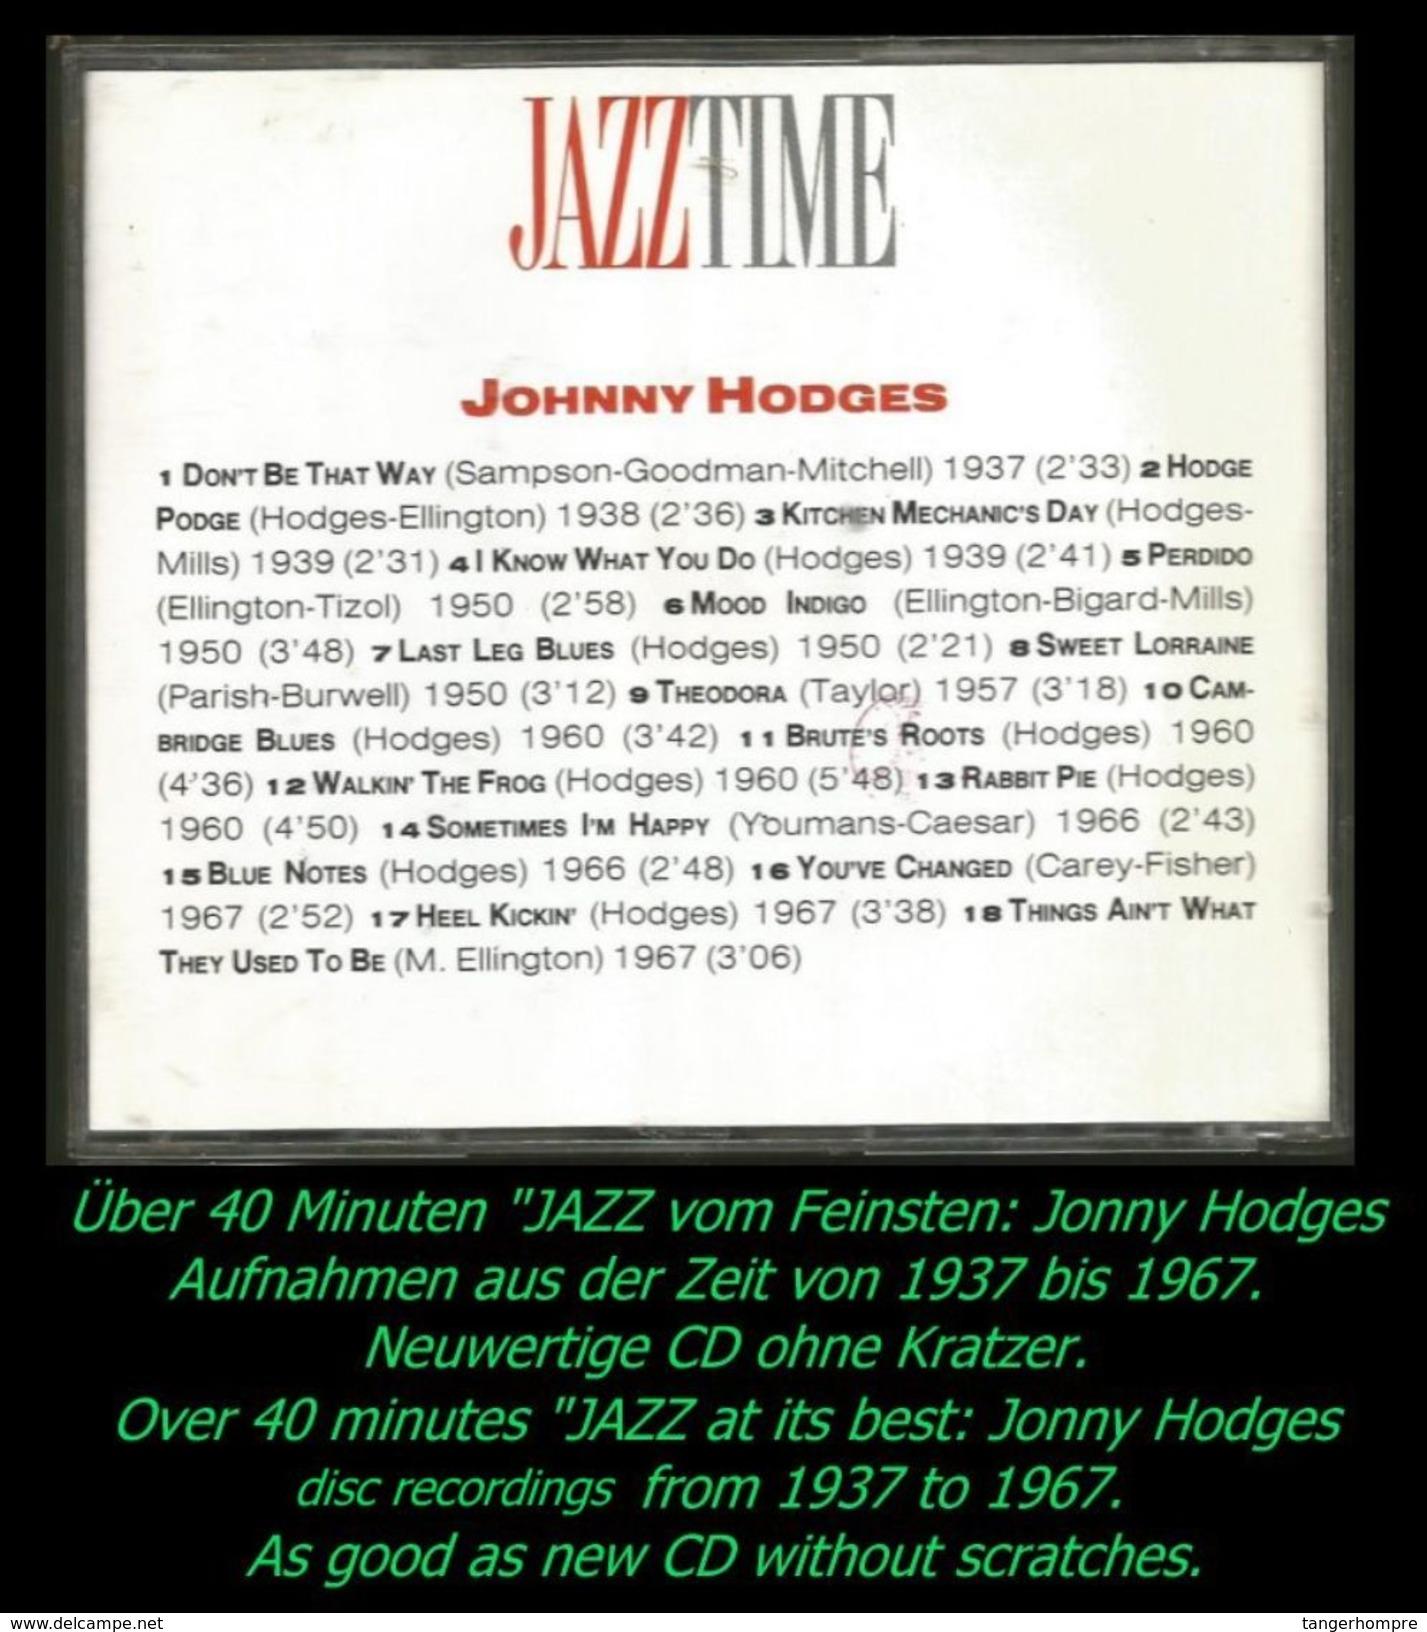 über 40 Minuten Jazz Von Jonny Hodges Von 1937 - 1967 - Jazz Of Finest - From 1937 - 67 - Jazz